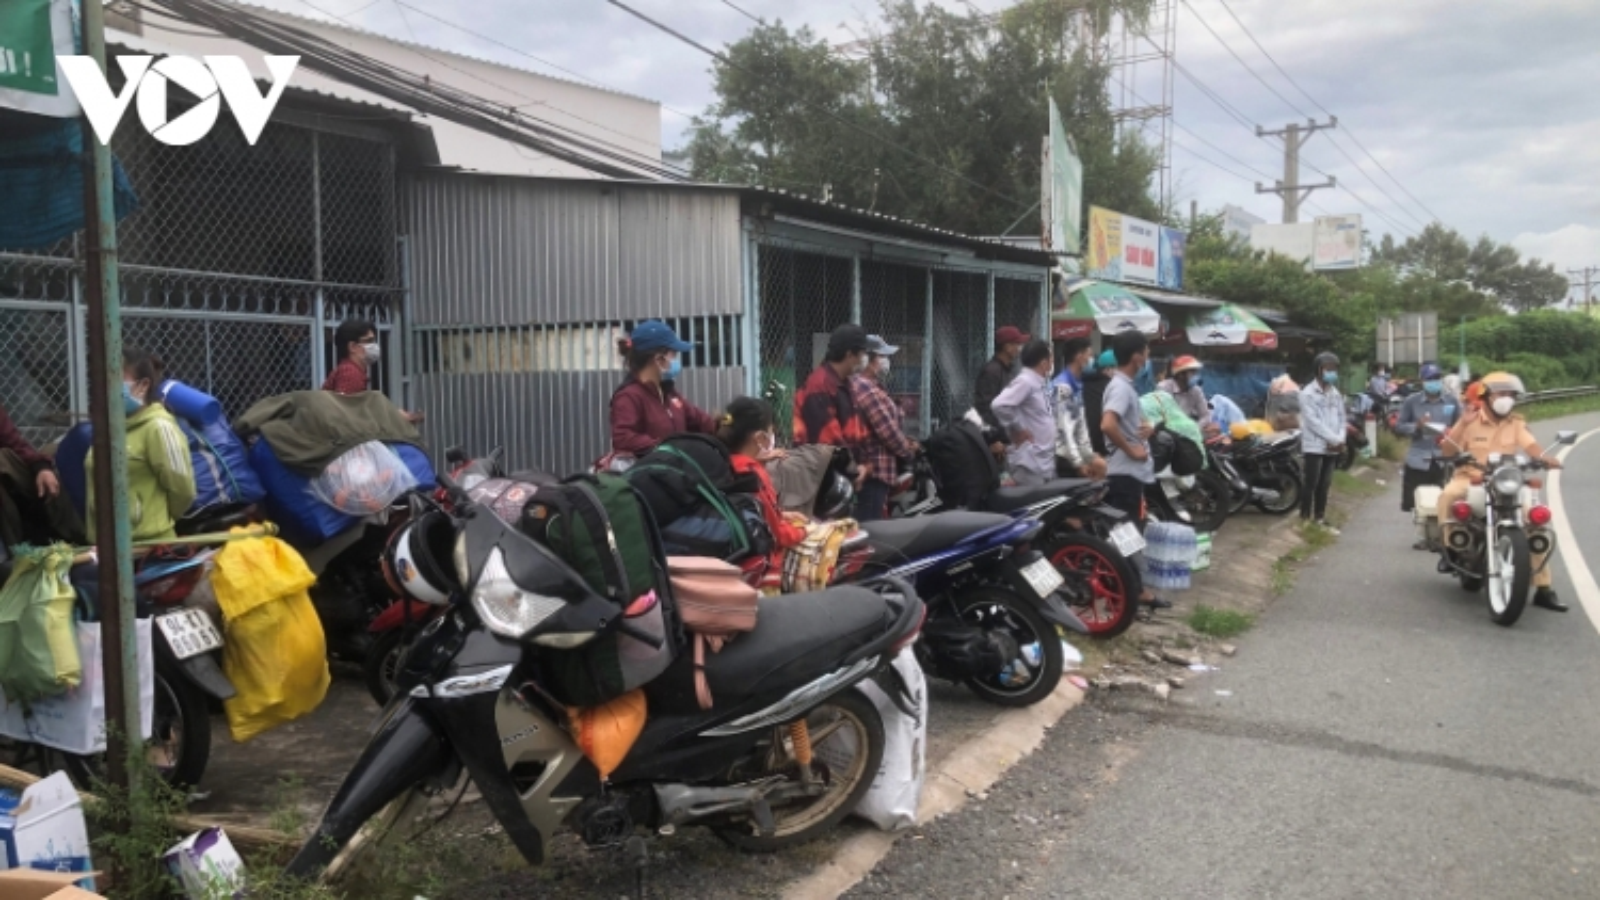 Hậu Giang: Hỗ trợ đưa hơn 300 công dân các tỉnhSóc Trăng, Bạc Liêu, Cà Mau về quê